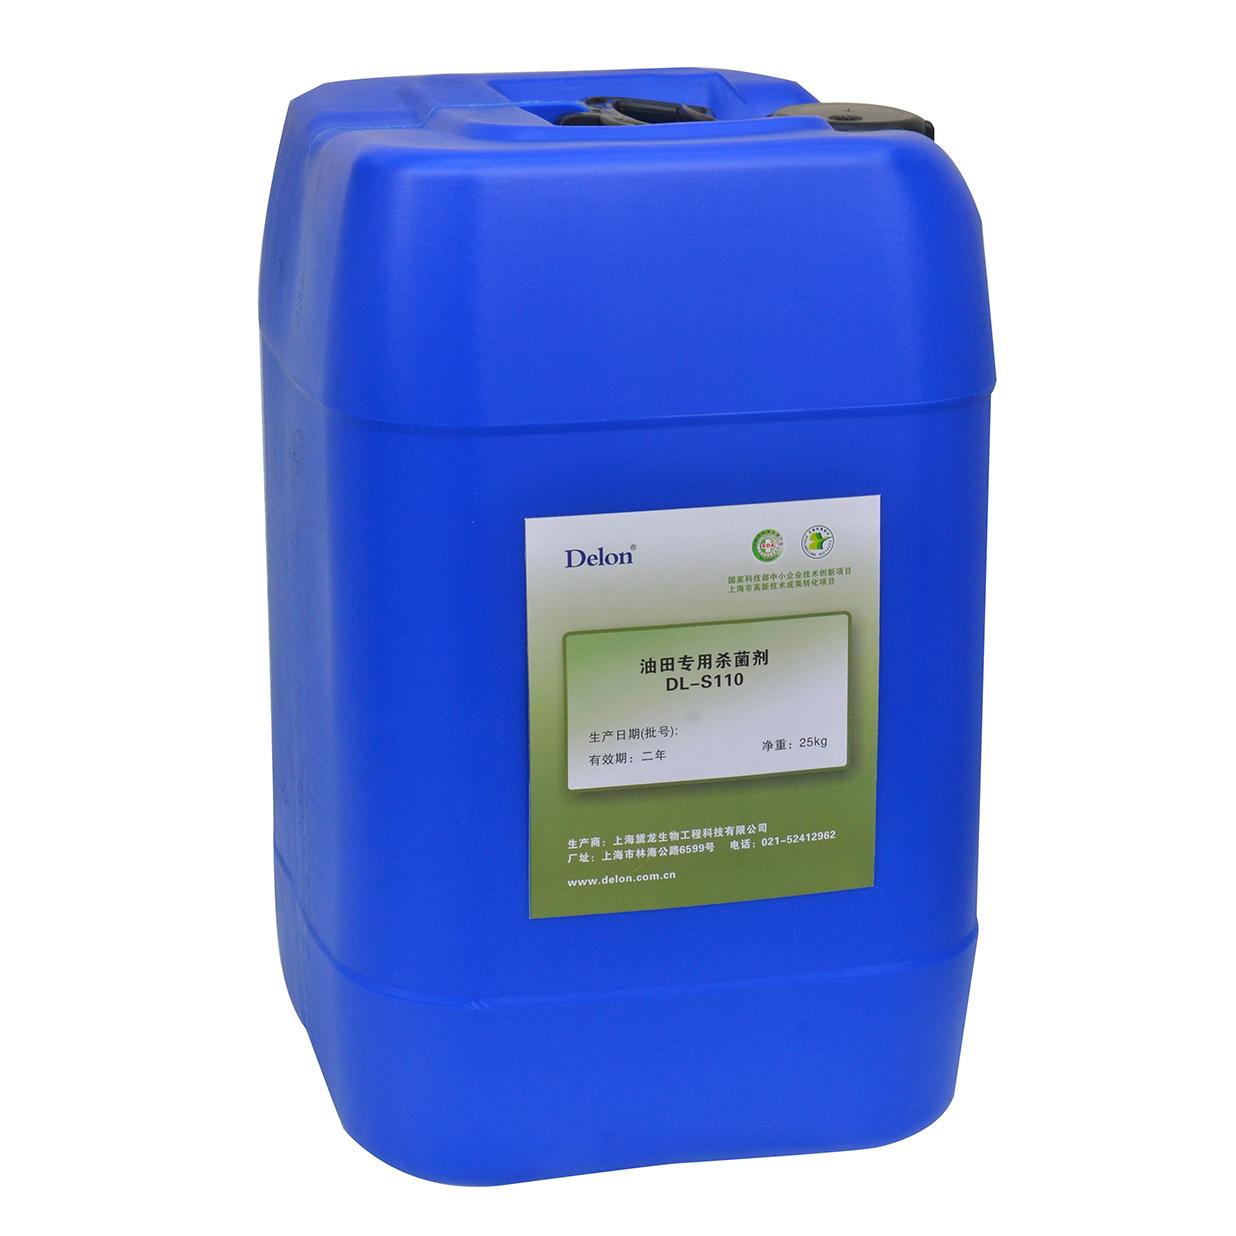 油田专用杀菌剂DL-S110